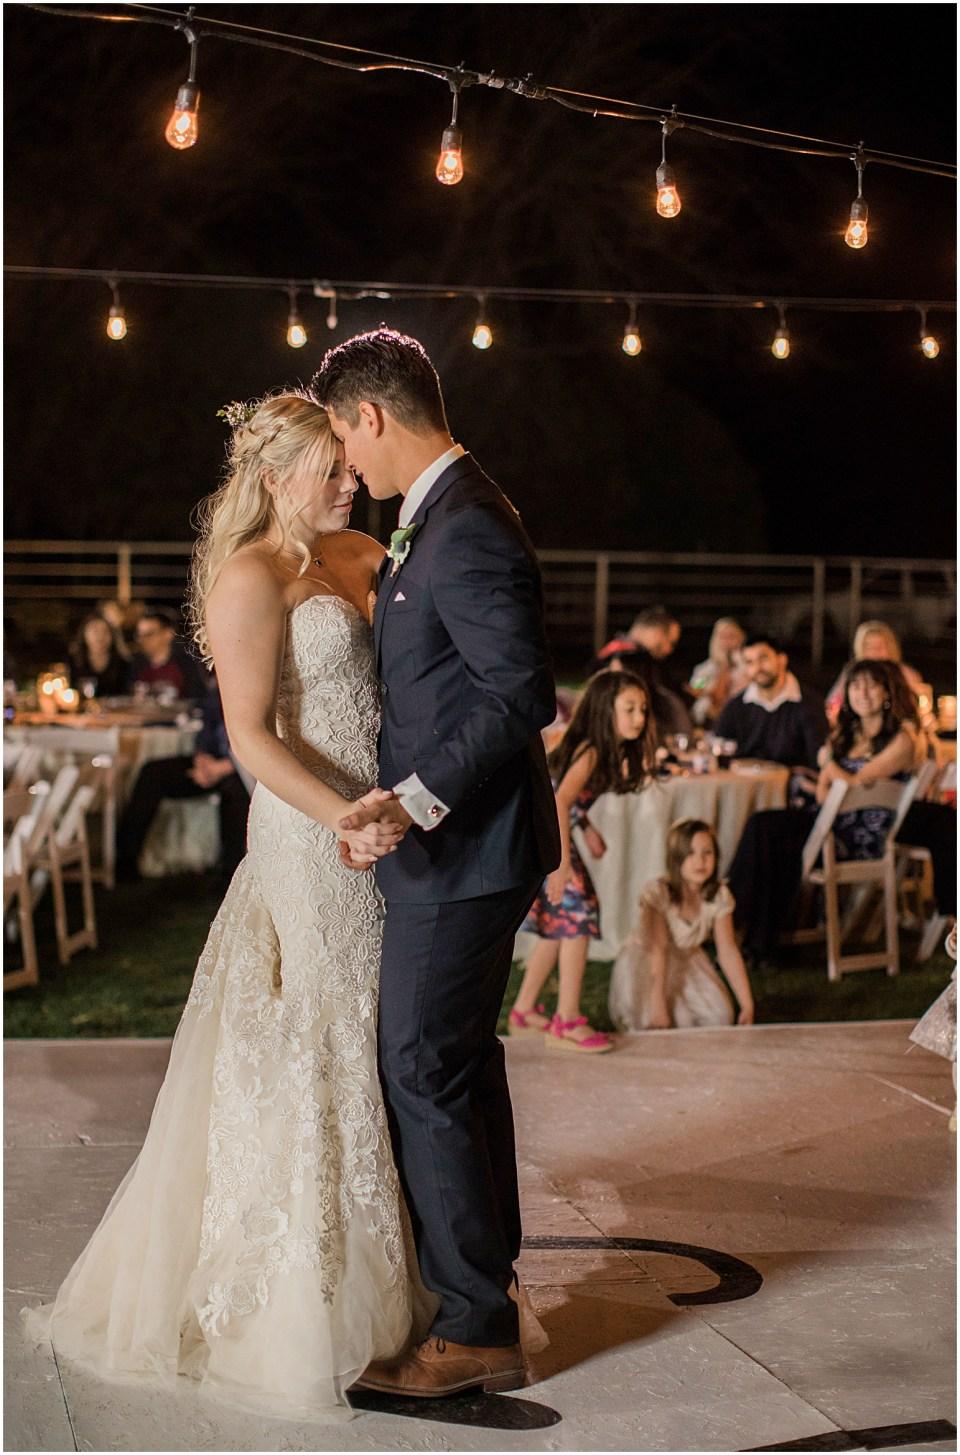 Tucson DIY Backyard Wedding Reception